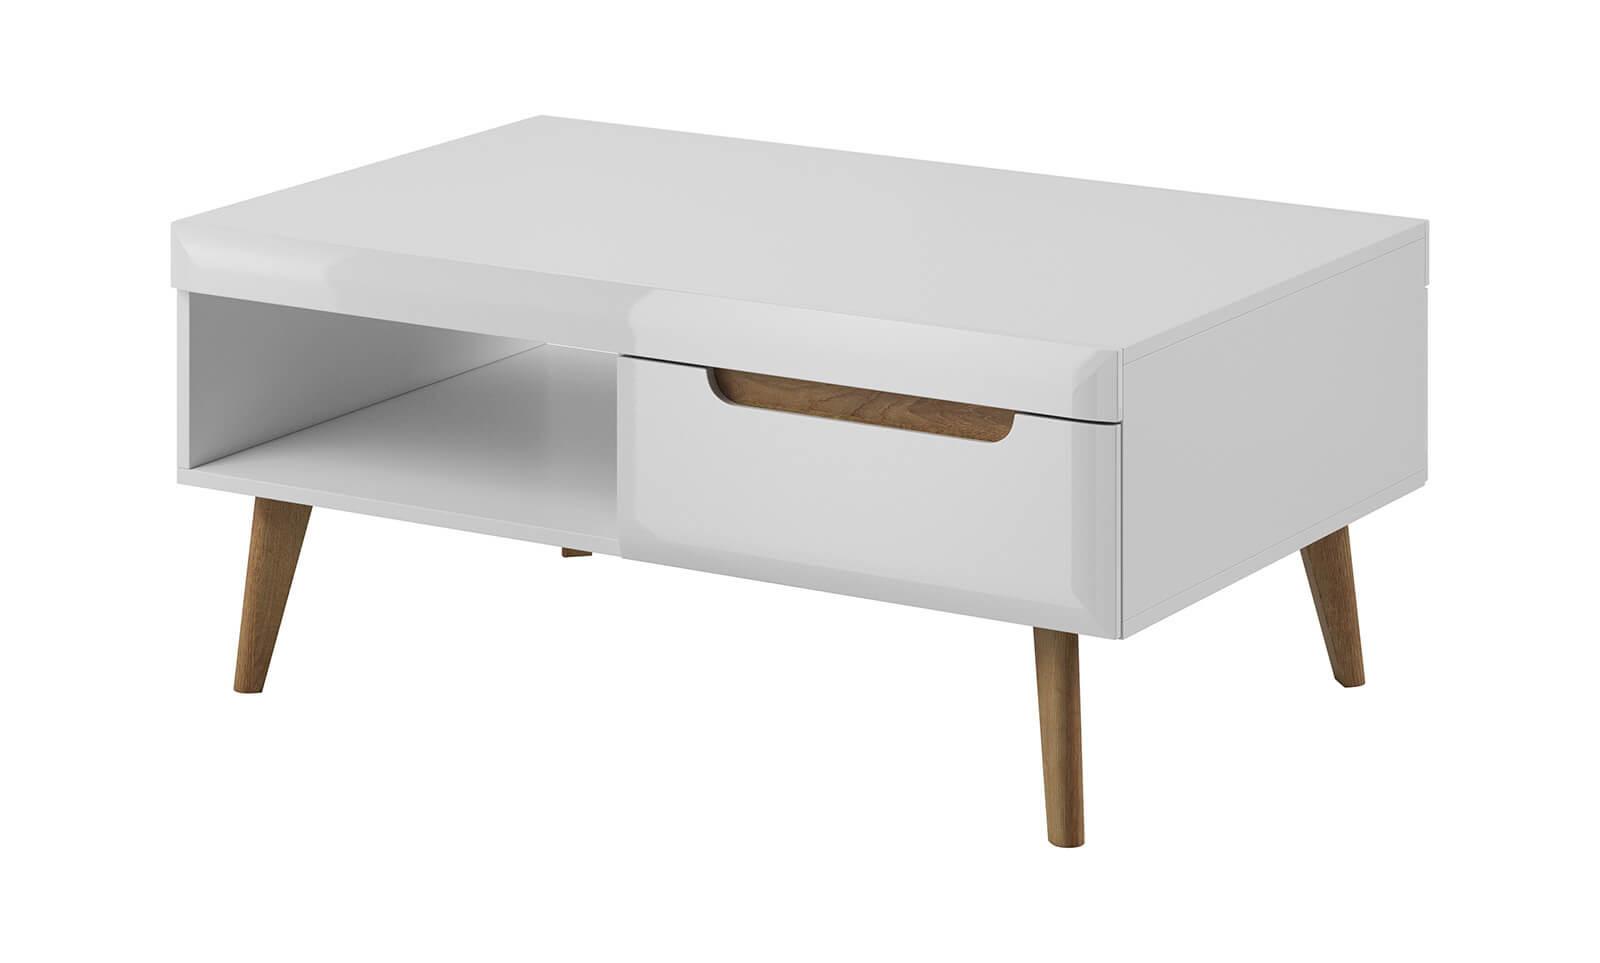 Table basse NORDI blanc brillant et bois clair